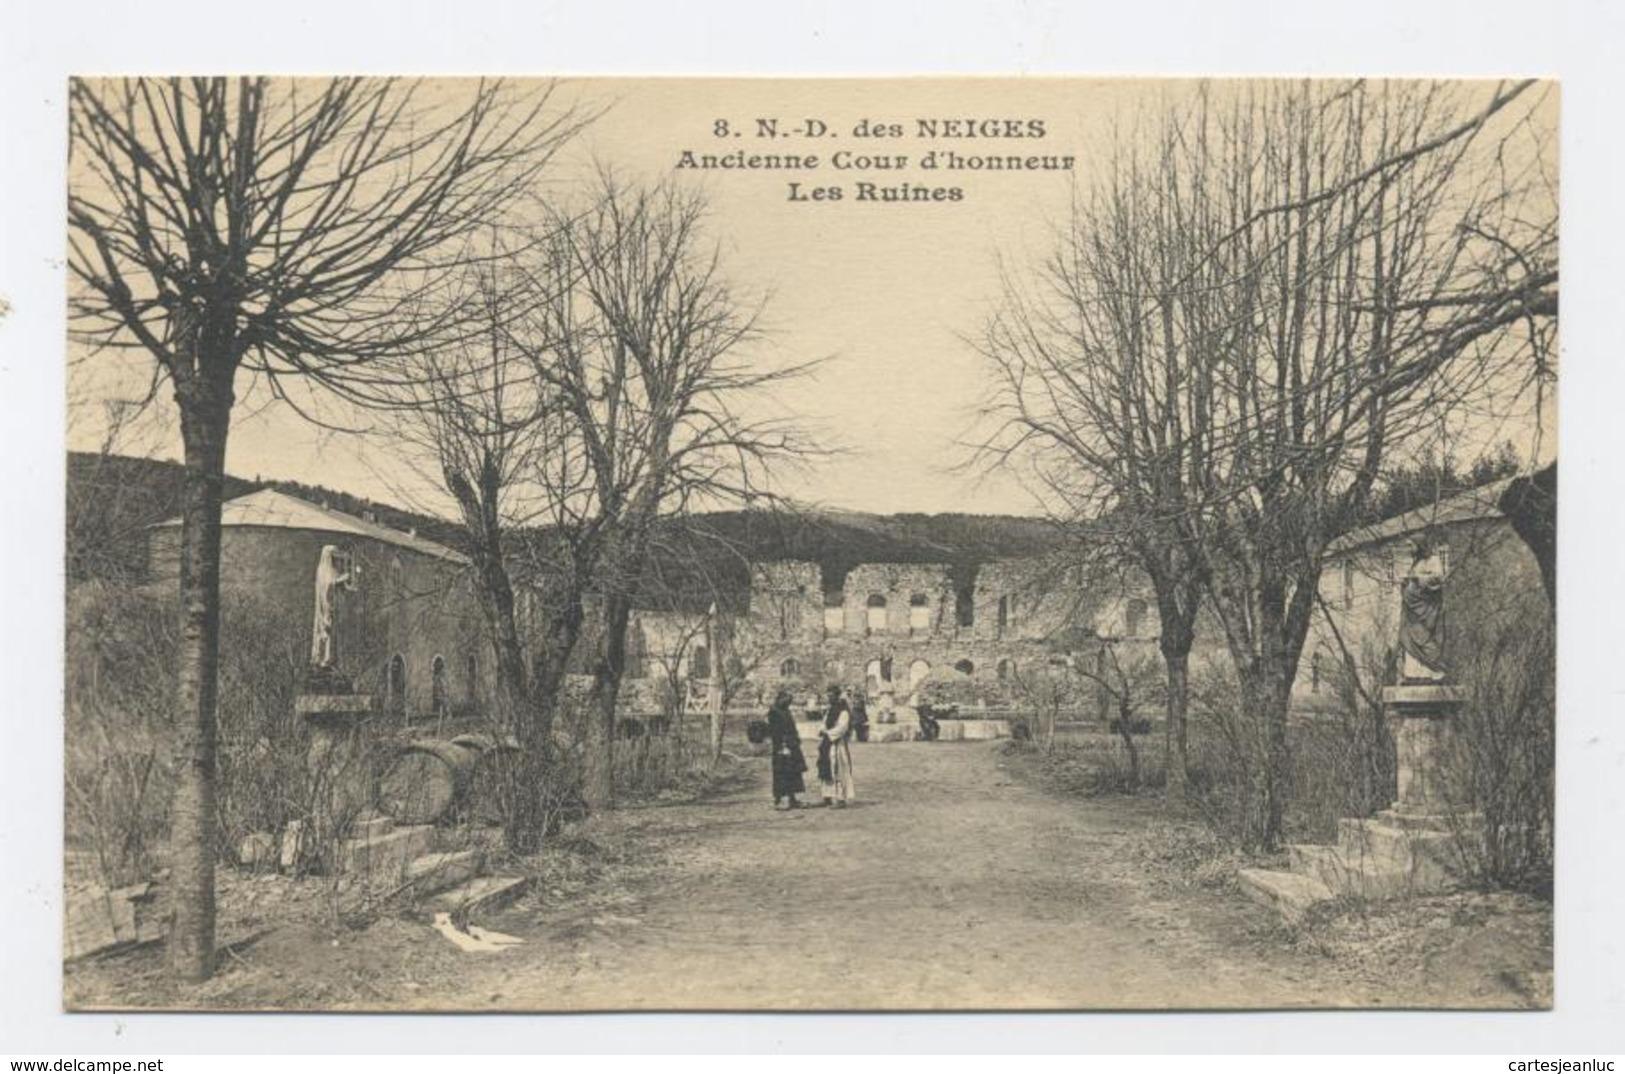 07 SAINT-LAURENT-LES-BAINS LA TRAPPE ABBAYE DE NOTRE-DAME DES NEIGES ANCIENNE COUR D HONNEUR LES RUINES - France